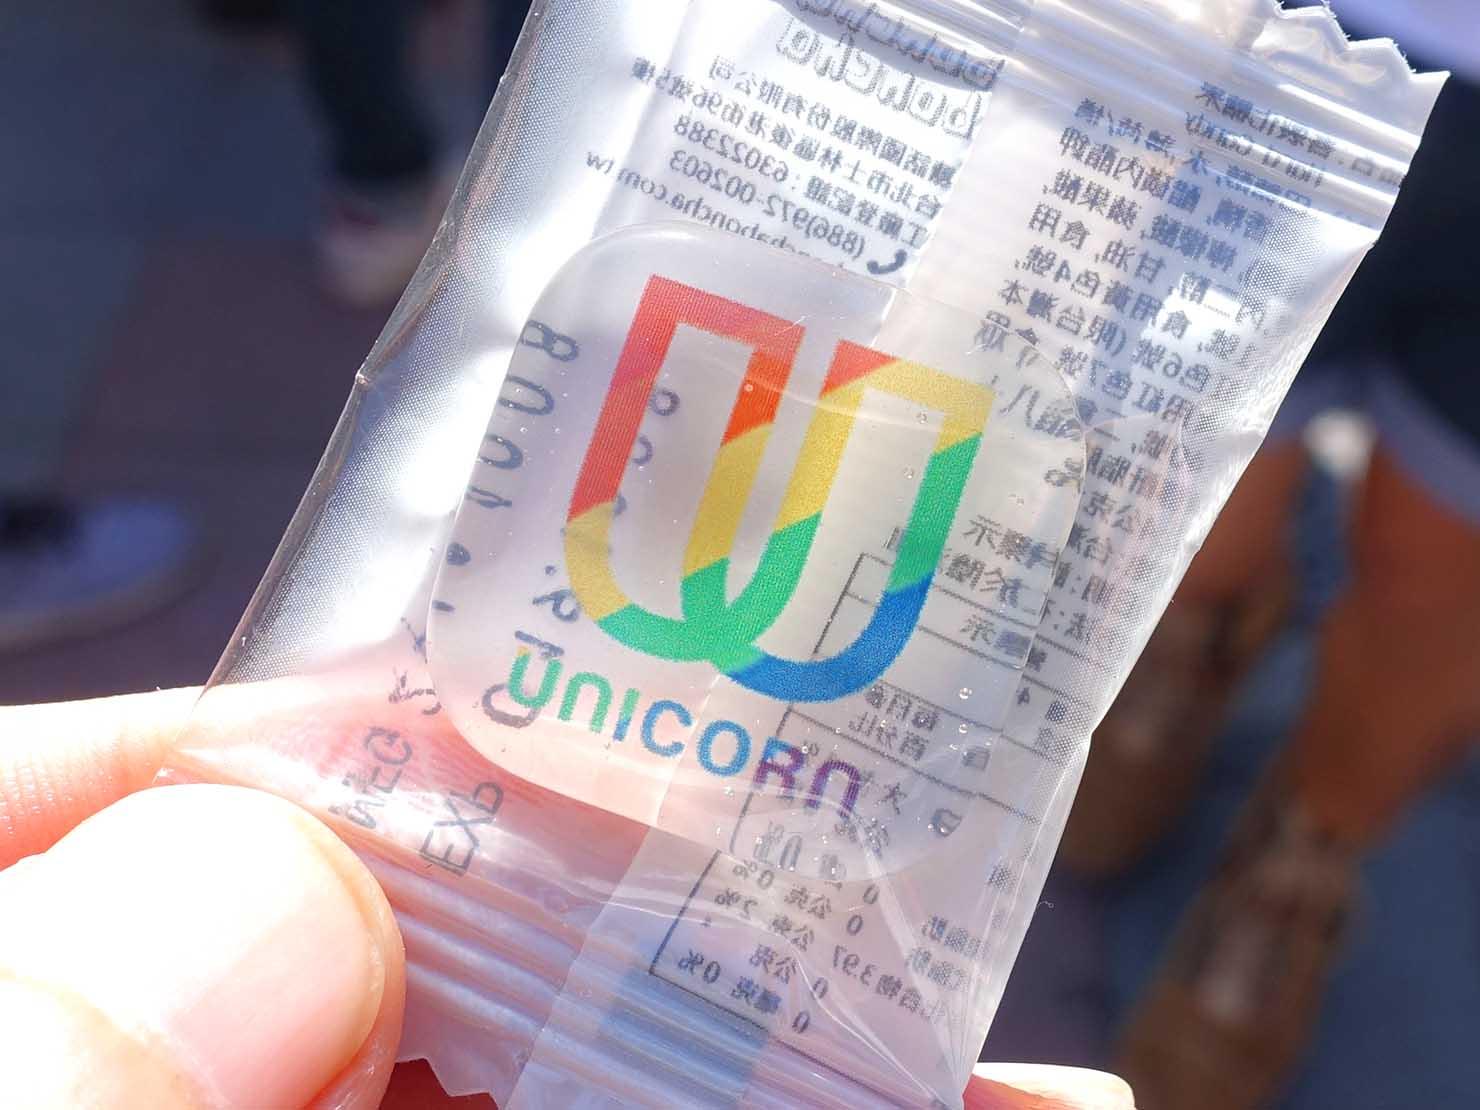 台北市國際彩虹文化祭にブース出展する台湾のメンズコスメブランド「UNICORN」のキャンディ